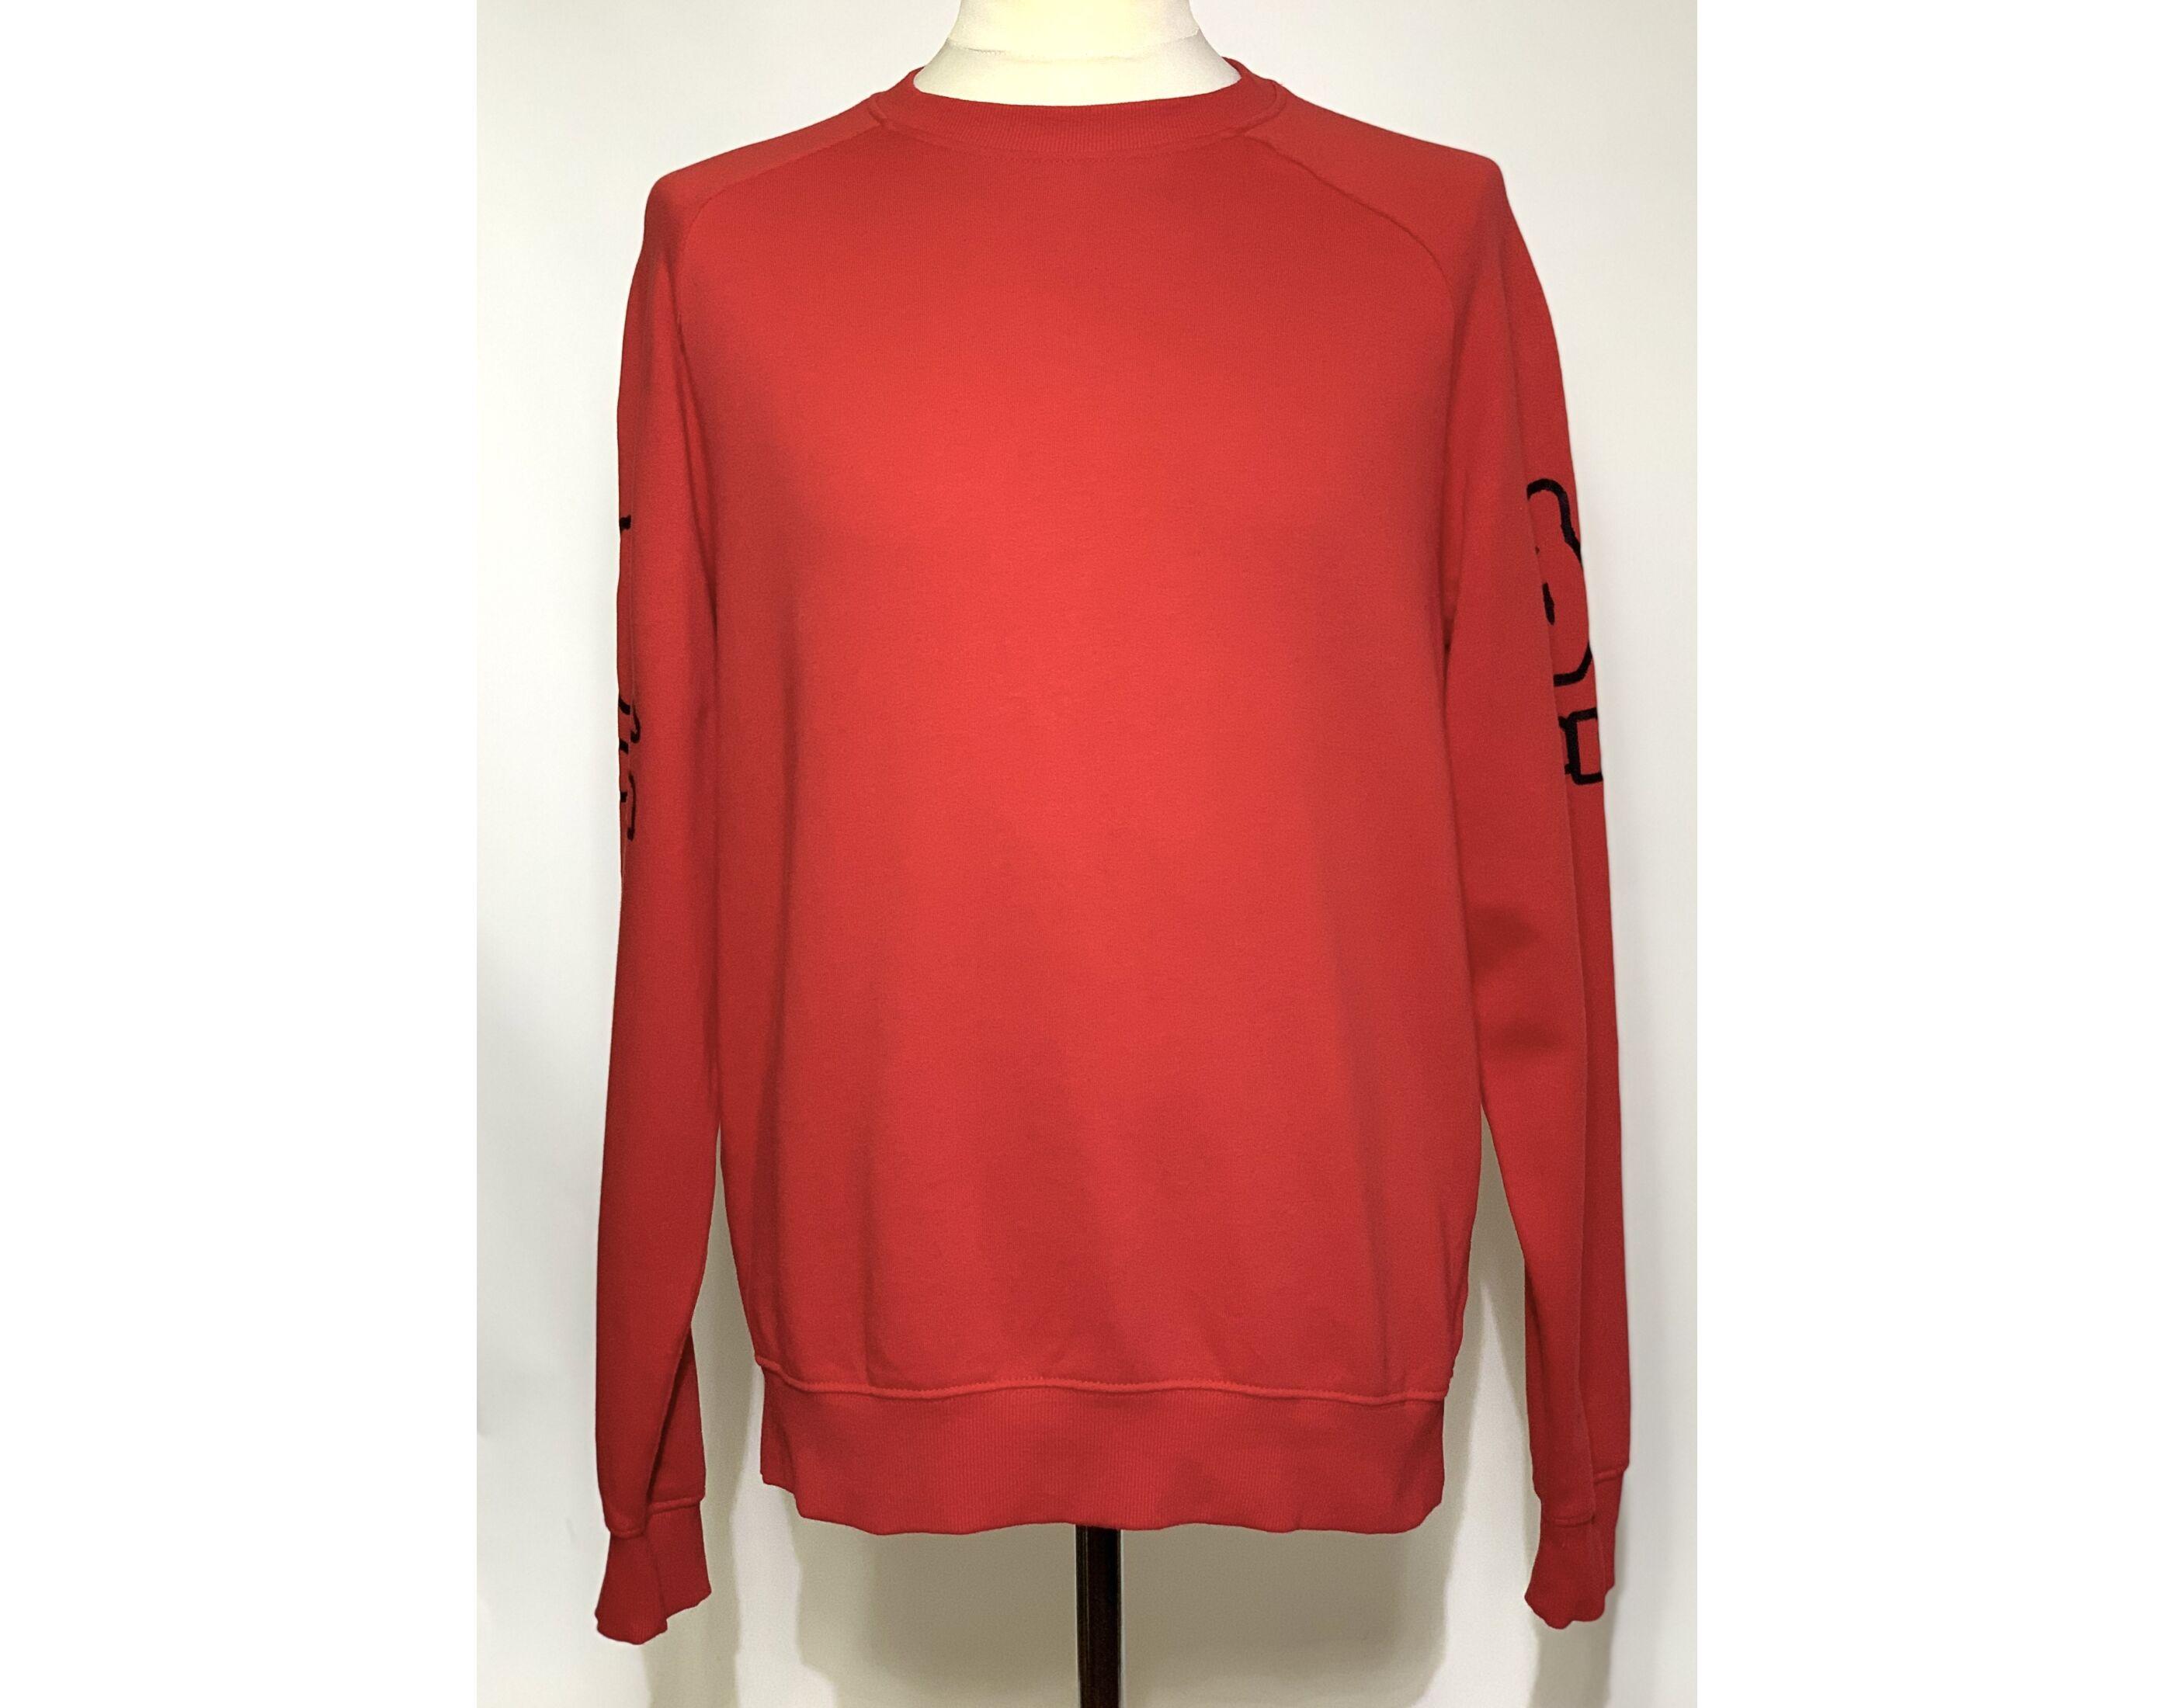 Kappa pulóver (L)